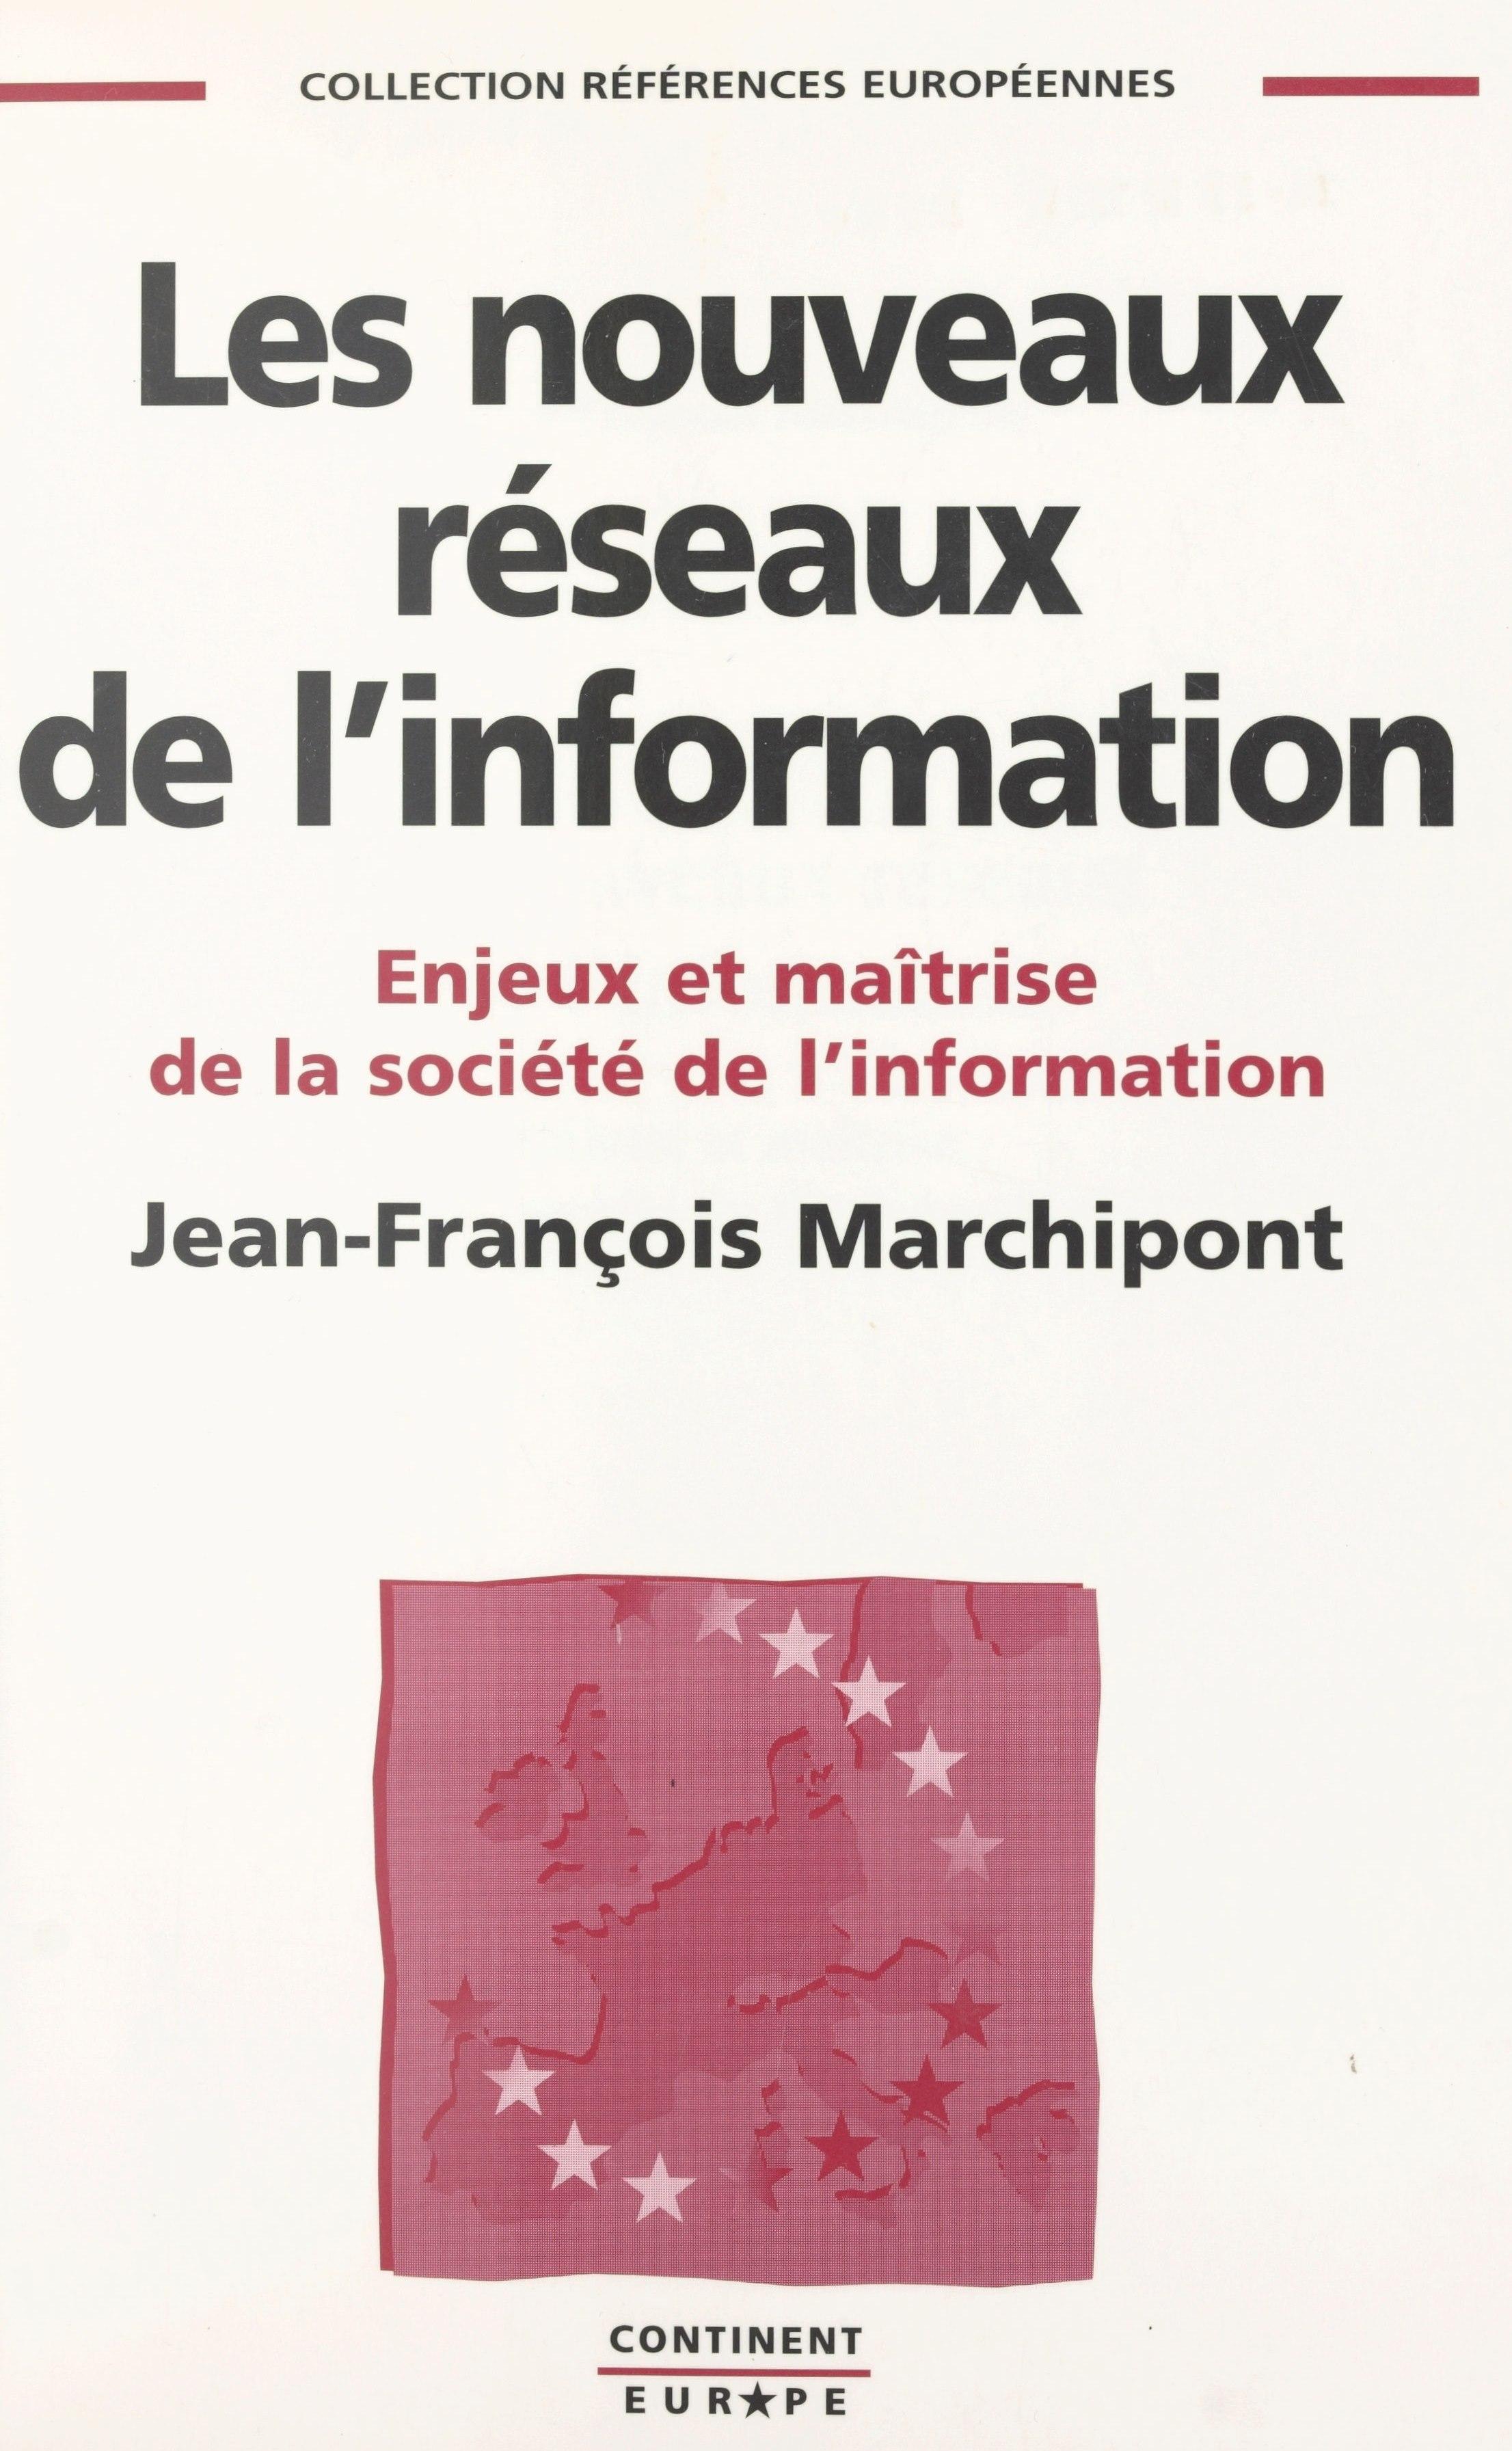 Les nouveaux réseaux de l'information : enjeux et maîtrise de la société de l'information